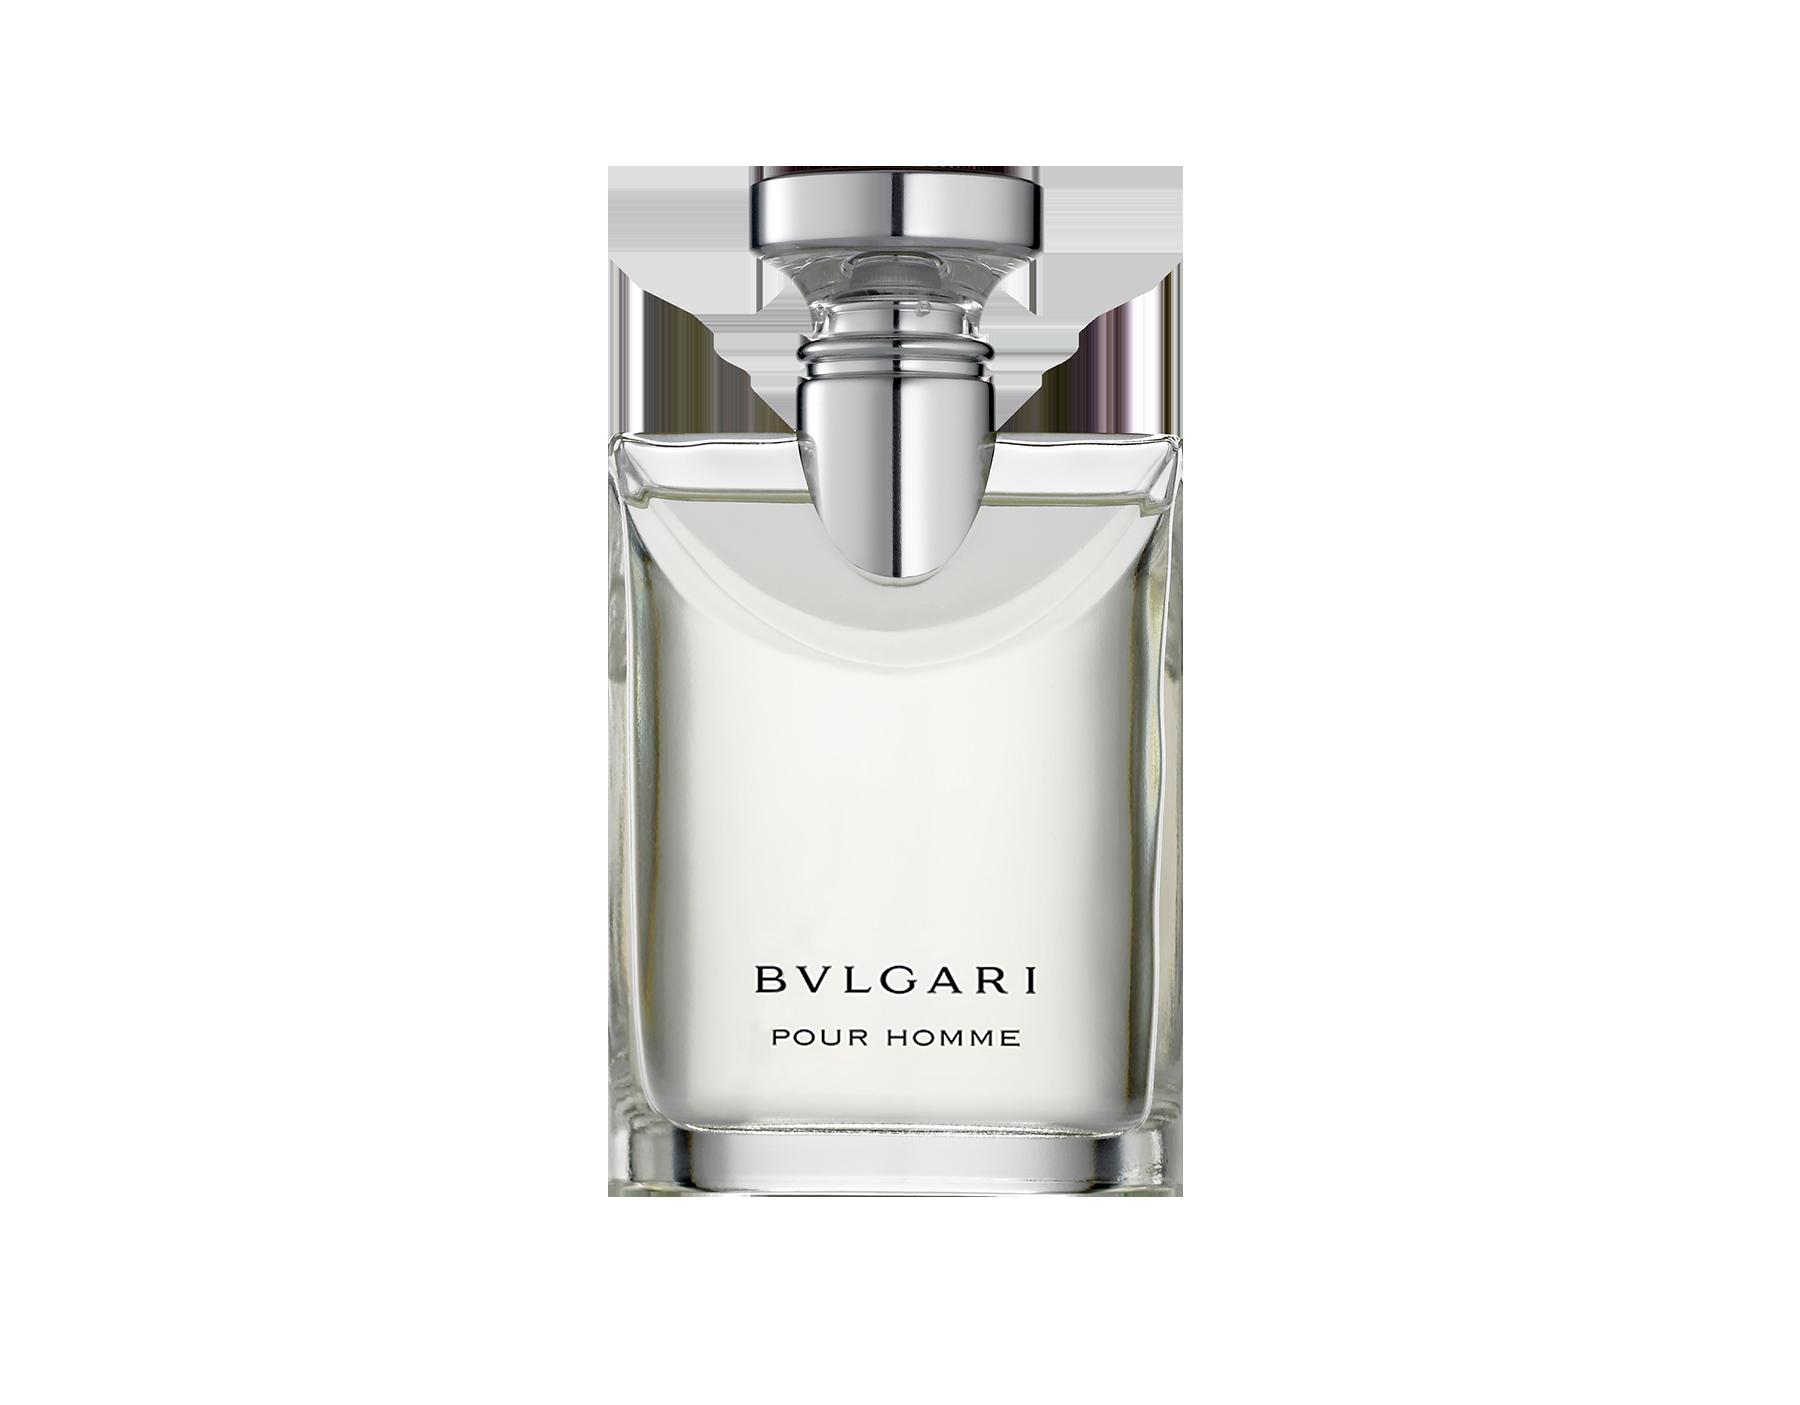 Bvlgari pour Homme Eau de Toilette Spray 100ml.